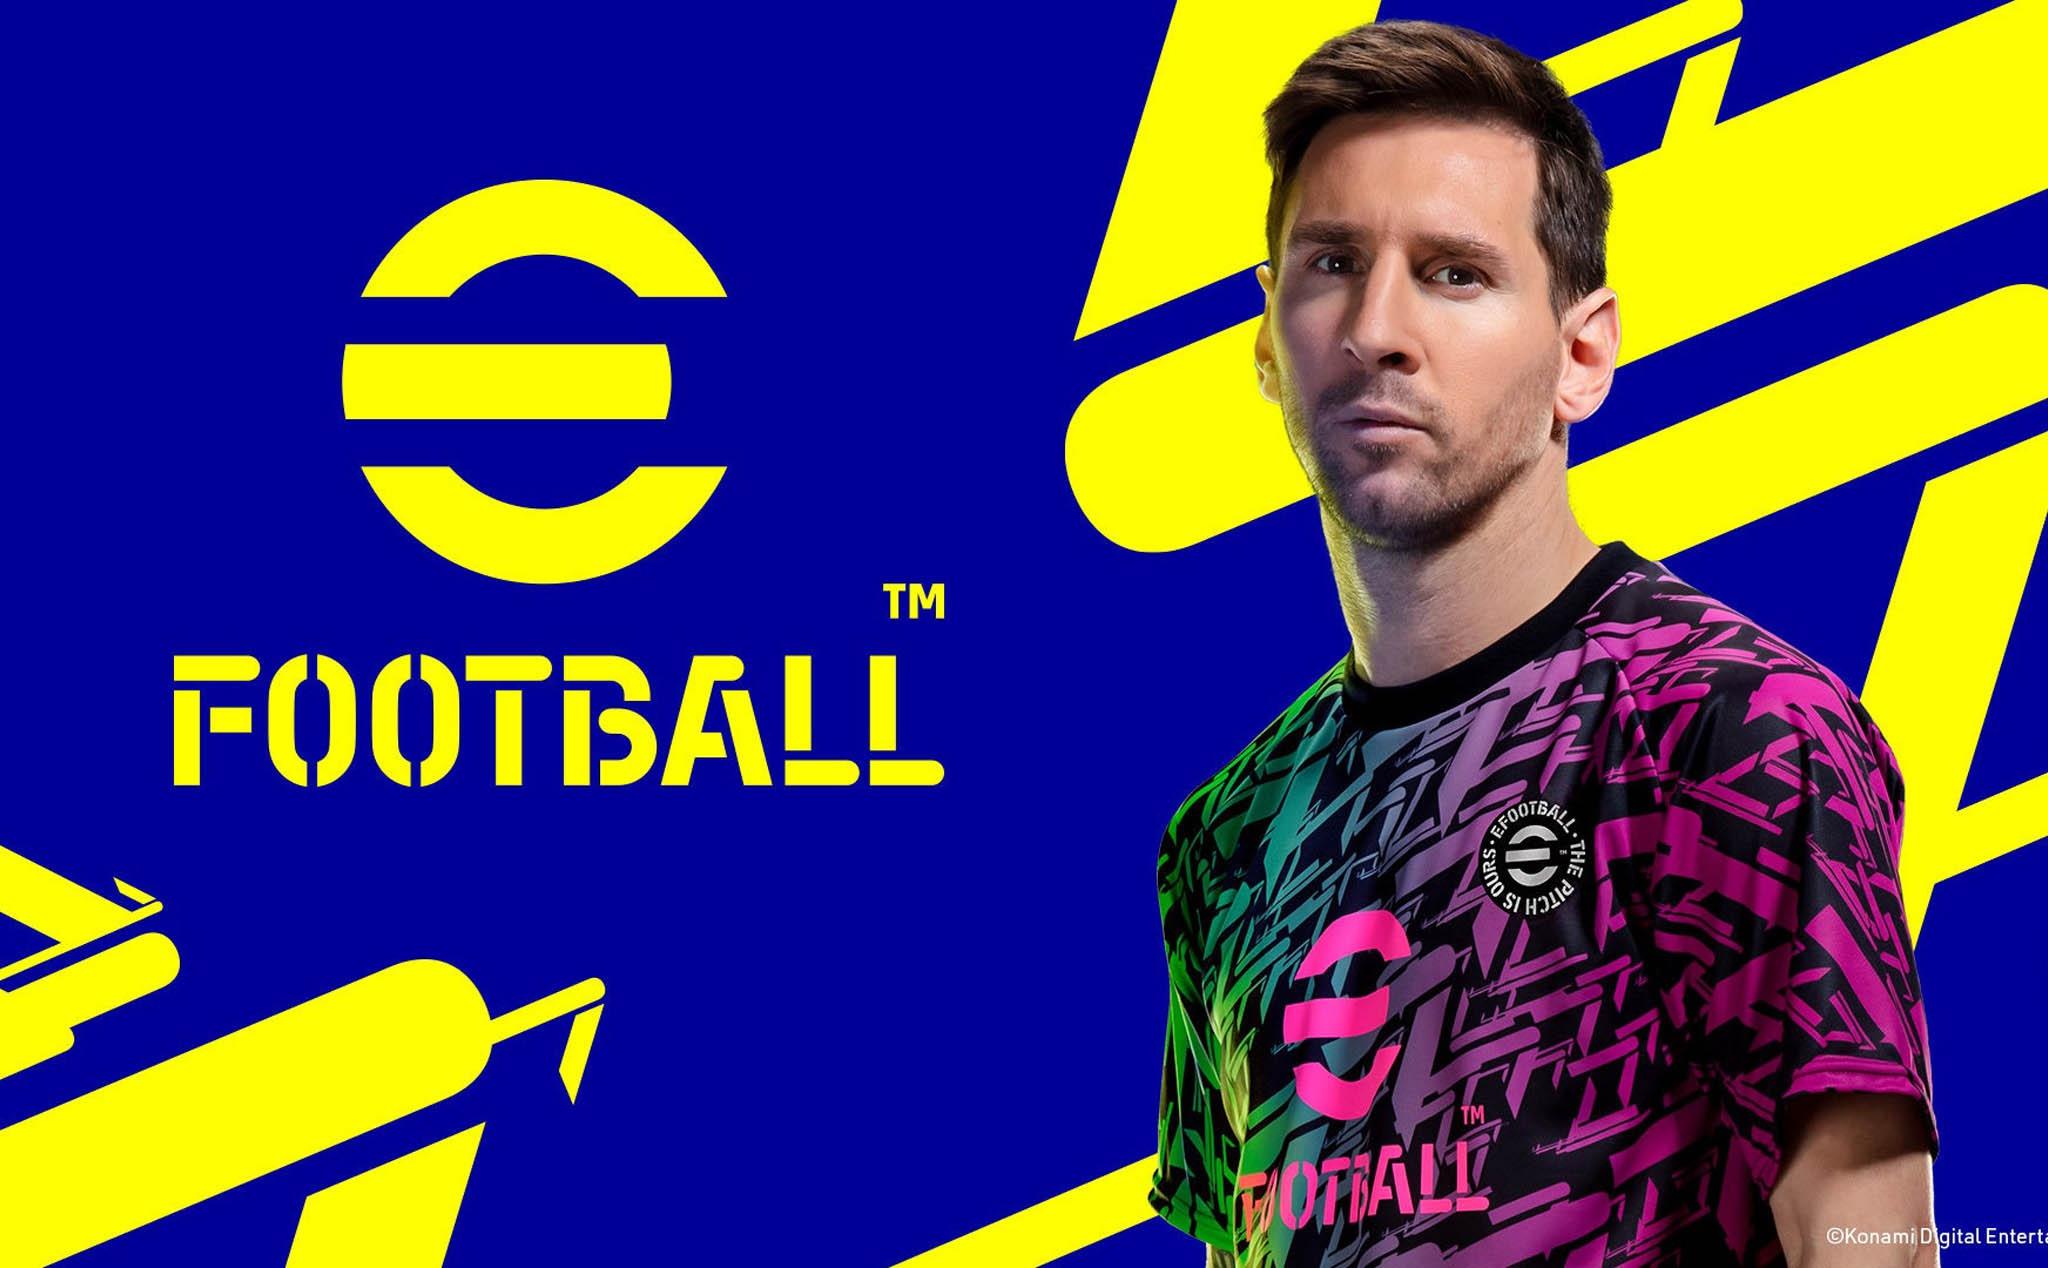 PES 2022 đổi tên thành eFootball, được phát hành miễn phí